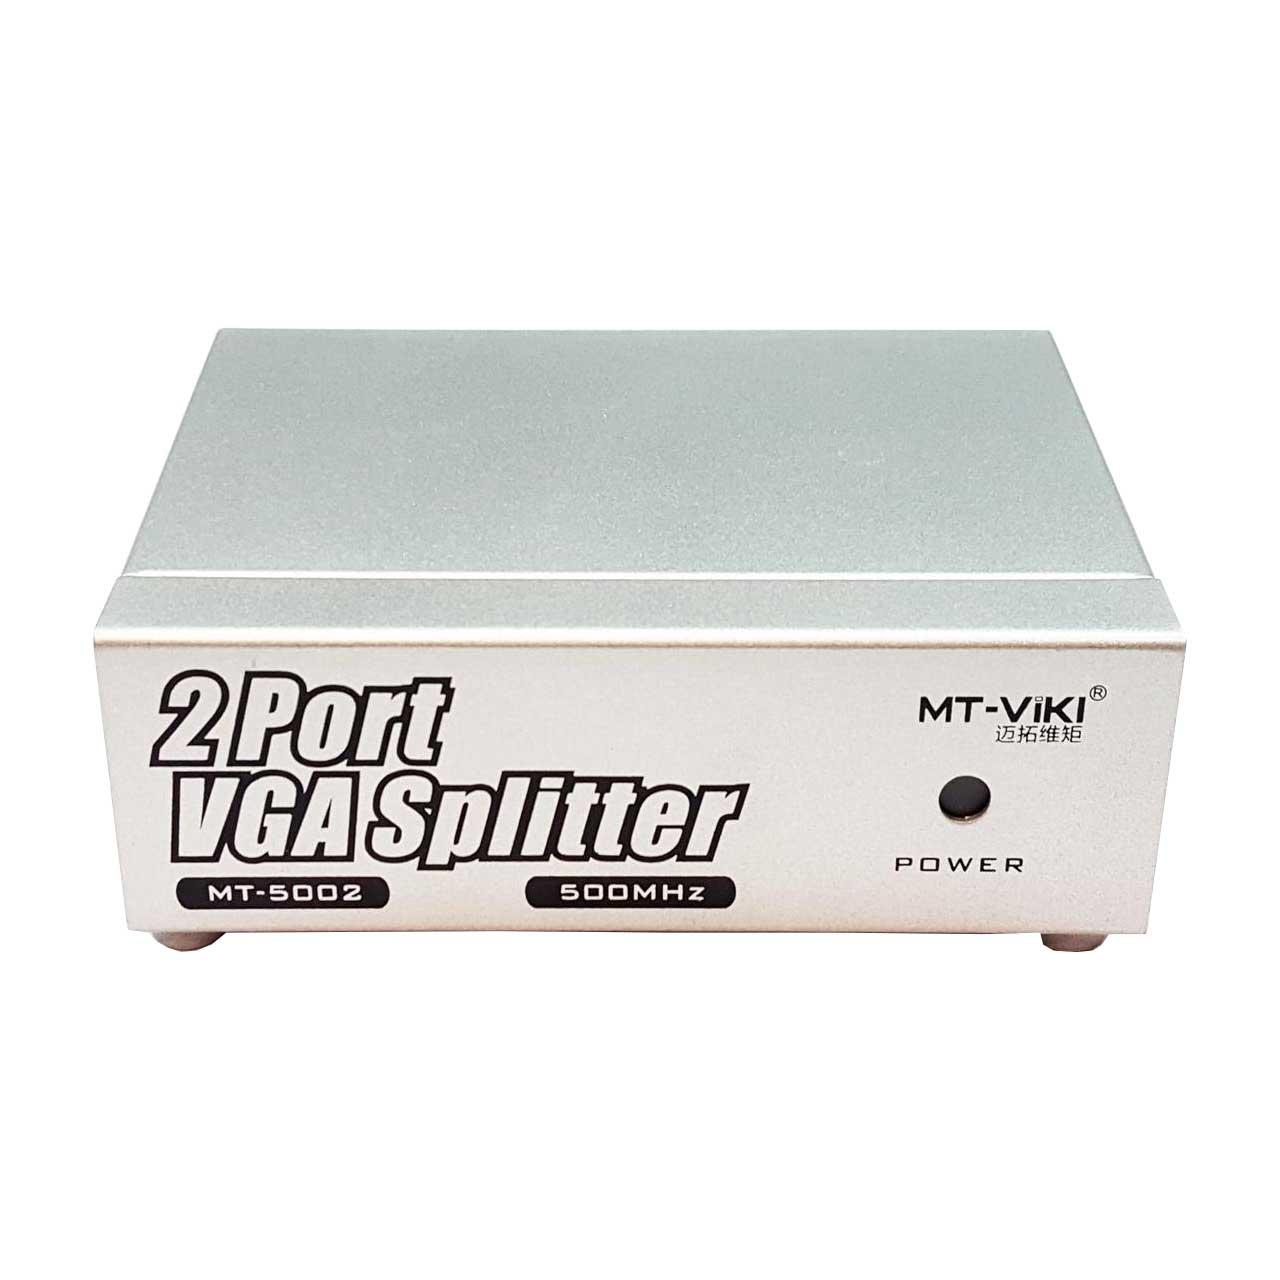 اسپلیتر 1 به 2 VGA ام تی ویکی مدل MT-M500